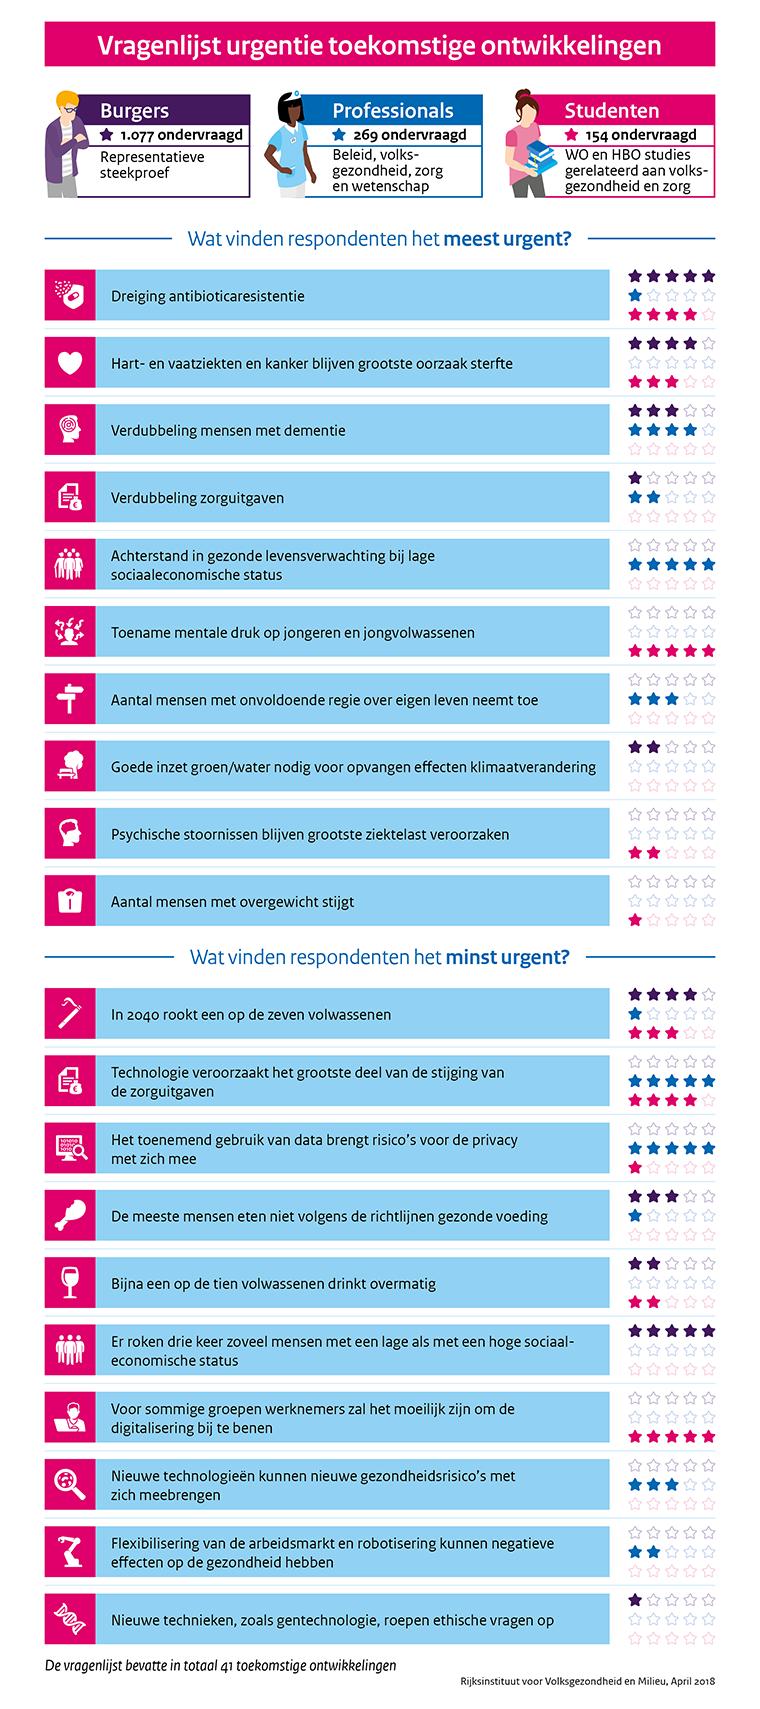 Deze infographic geeft de resultaten van een vragenlijst weer waarin respondenten is gevraagd welke van 41 toekomstige ontwikkelingen zij het meest en minst urgent vinden.